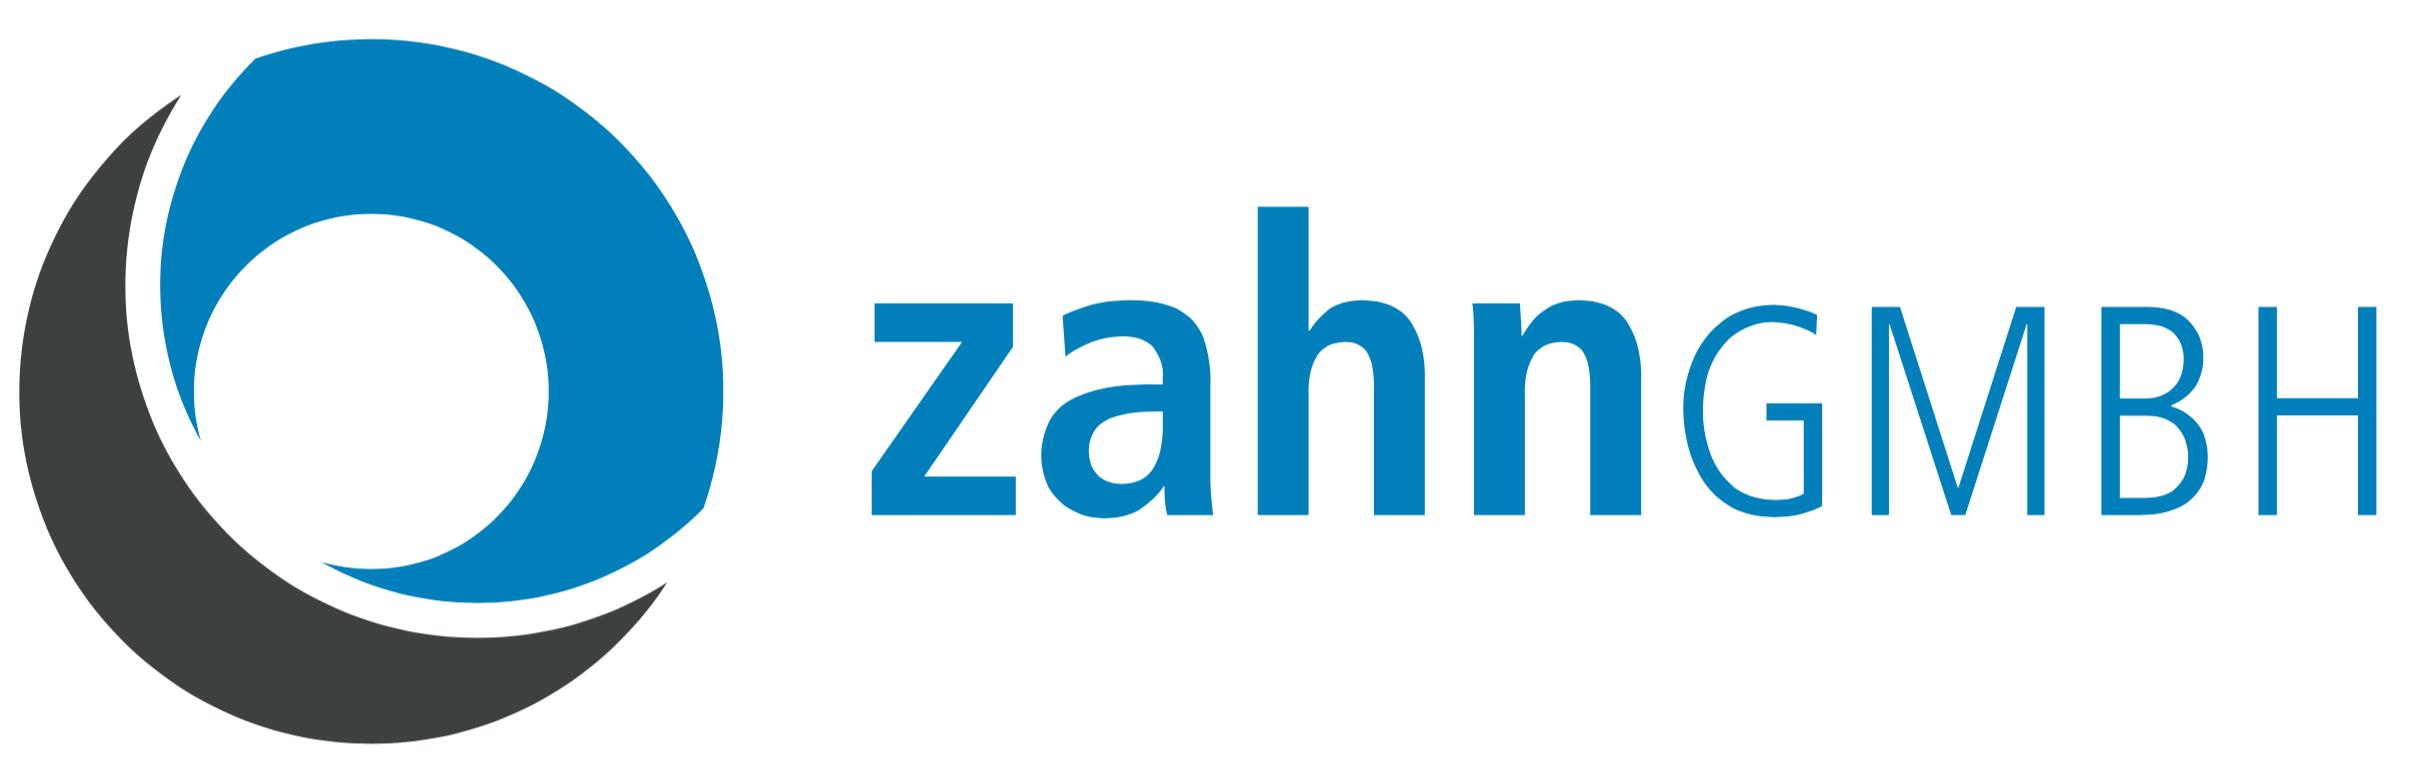 ZAHN GMBH